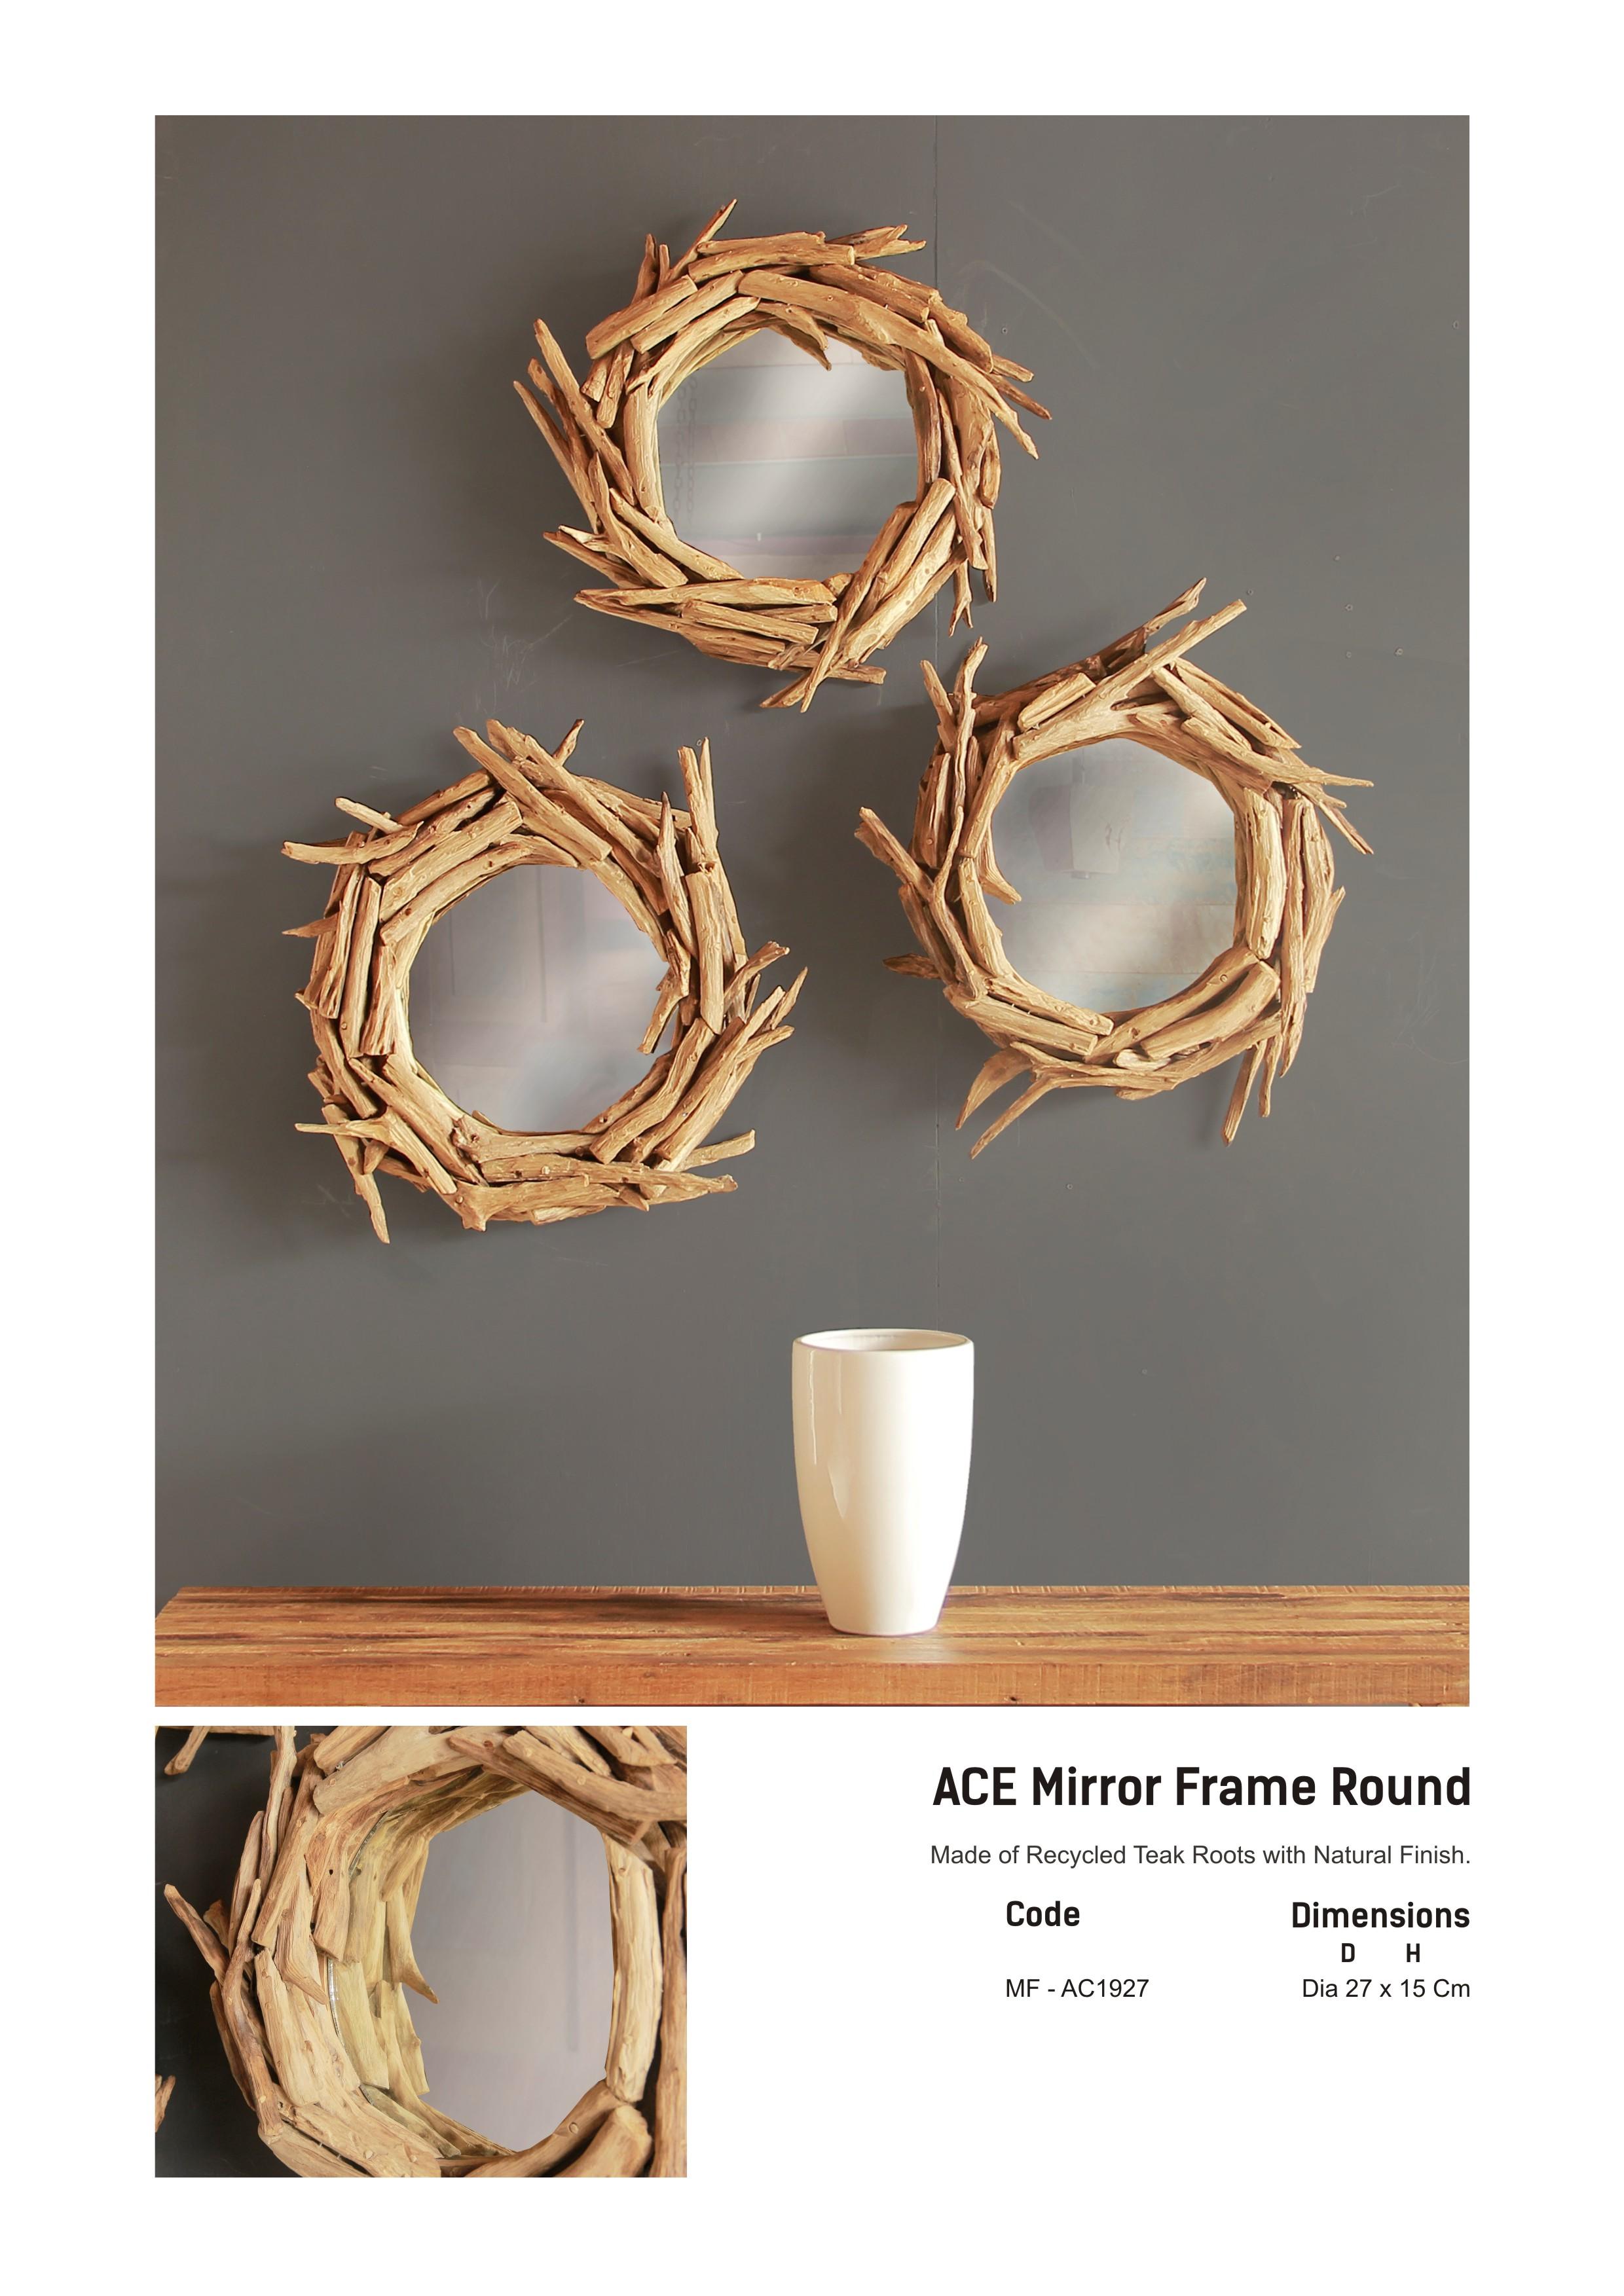 19. ACE Mirror Frame Round